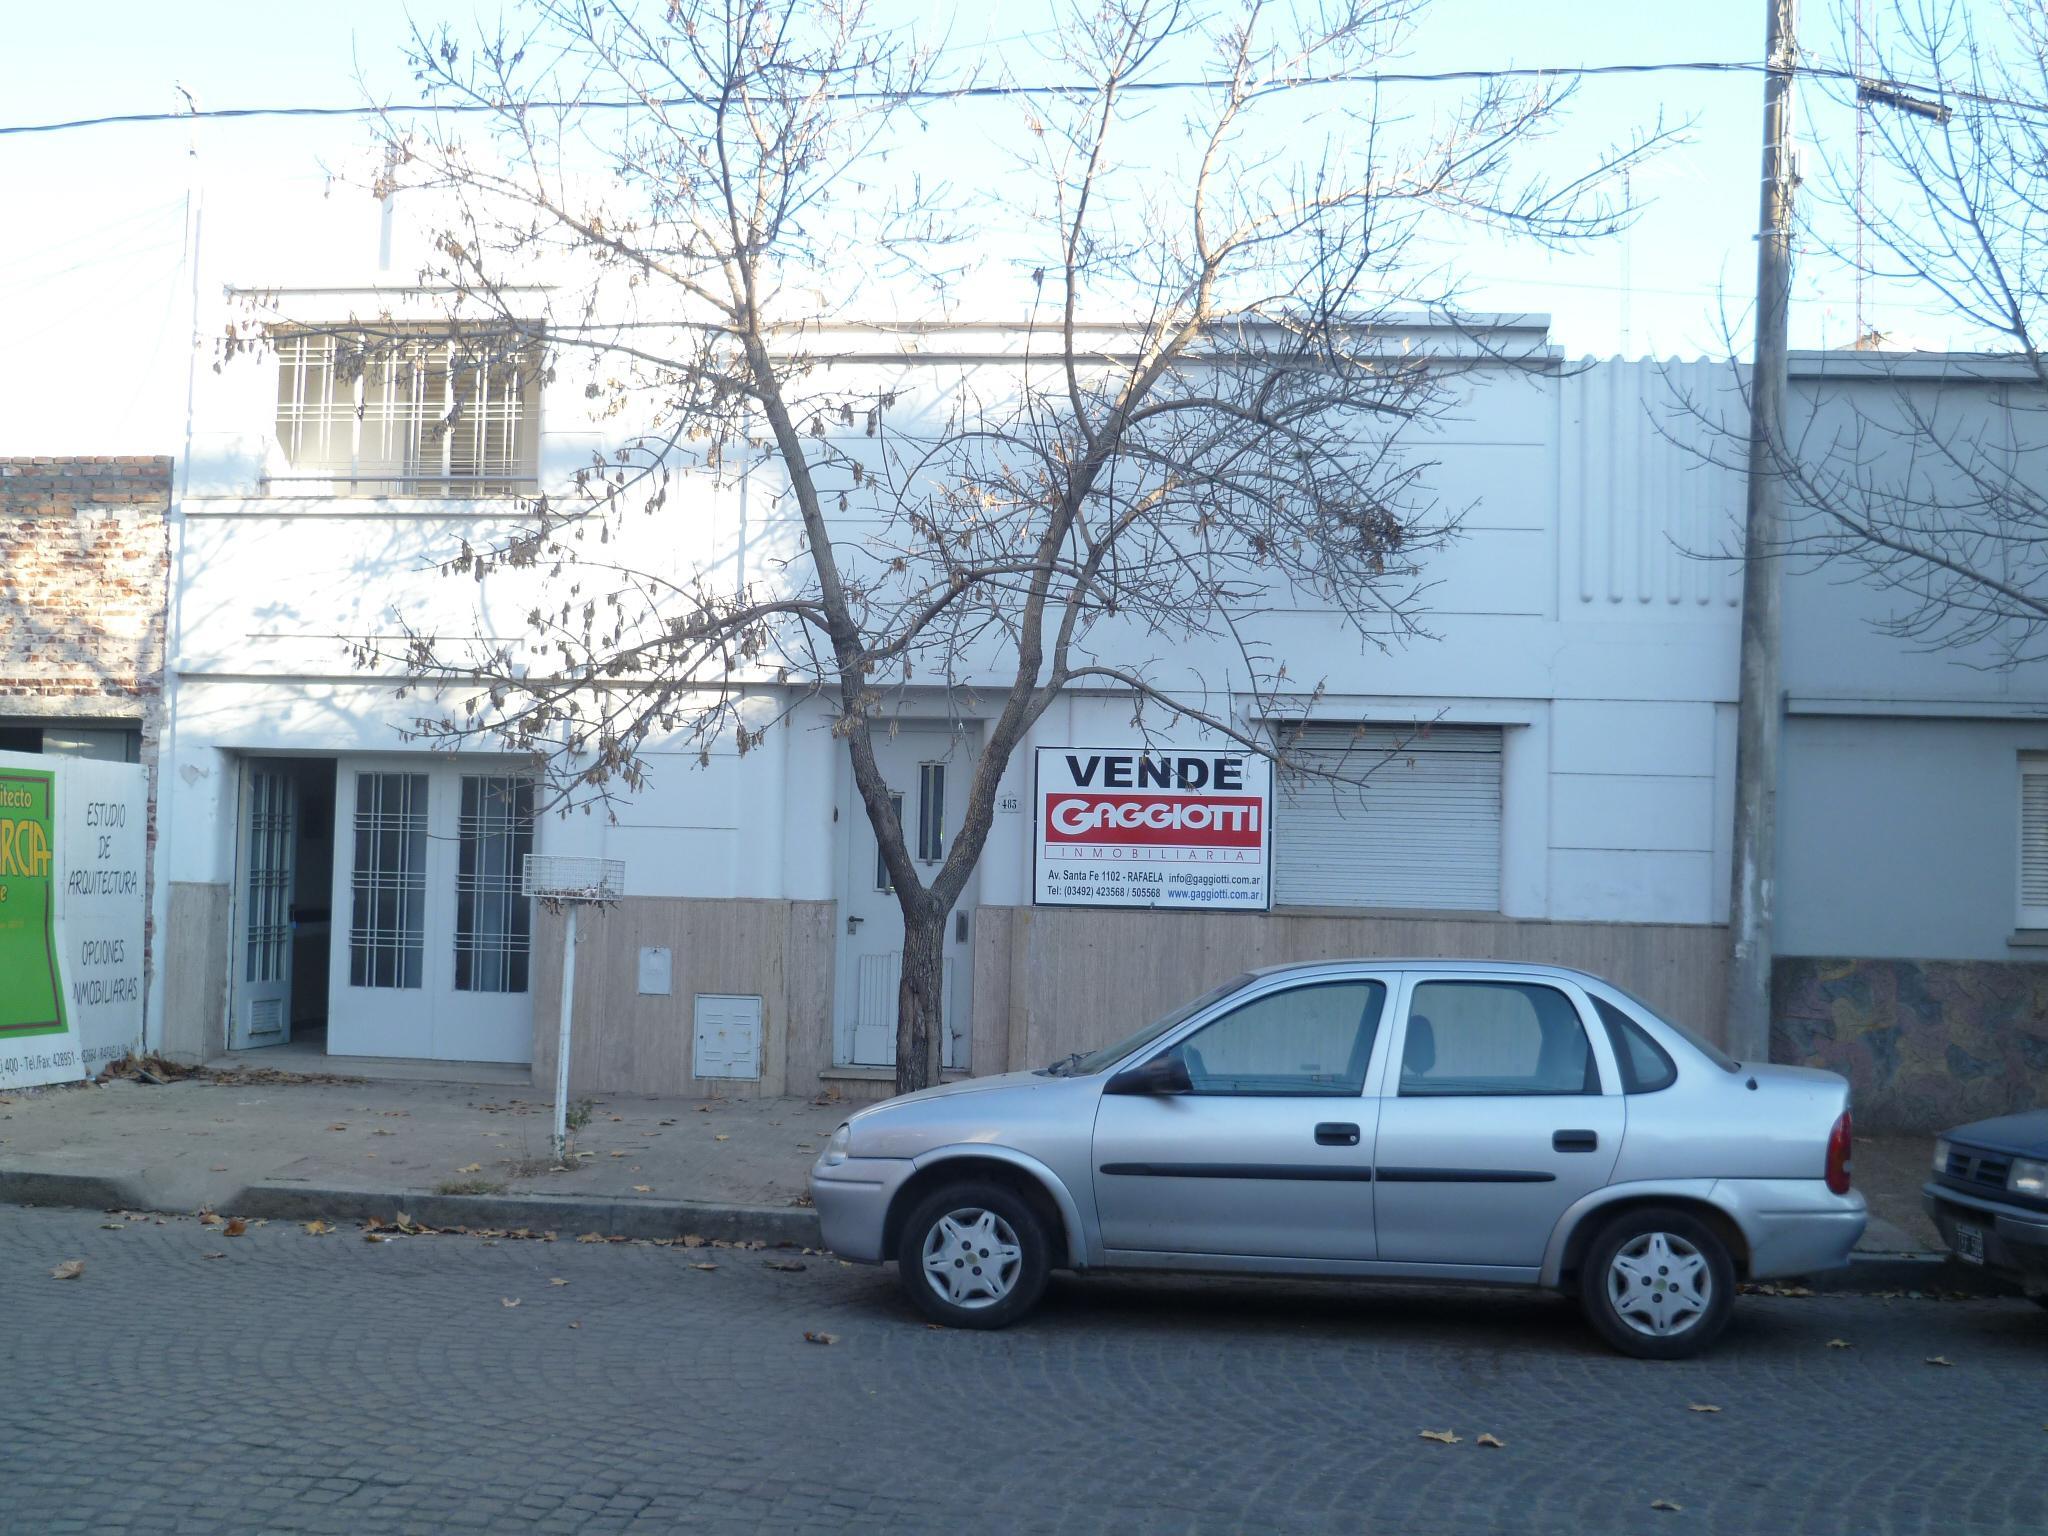 Alvear 483 - Gaggiotti Inmobiliaria cuenta con más de 50 años desde que se inicio en el negocio de los servicios inmobiliarios.